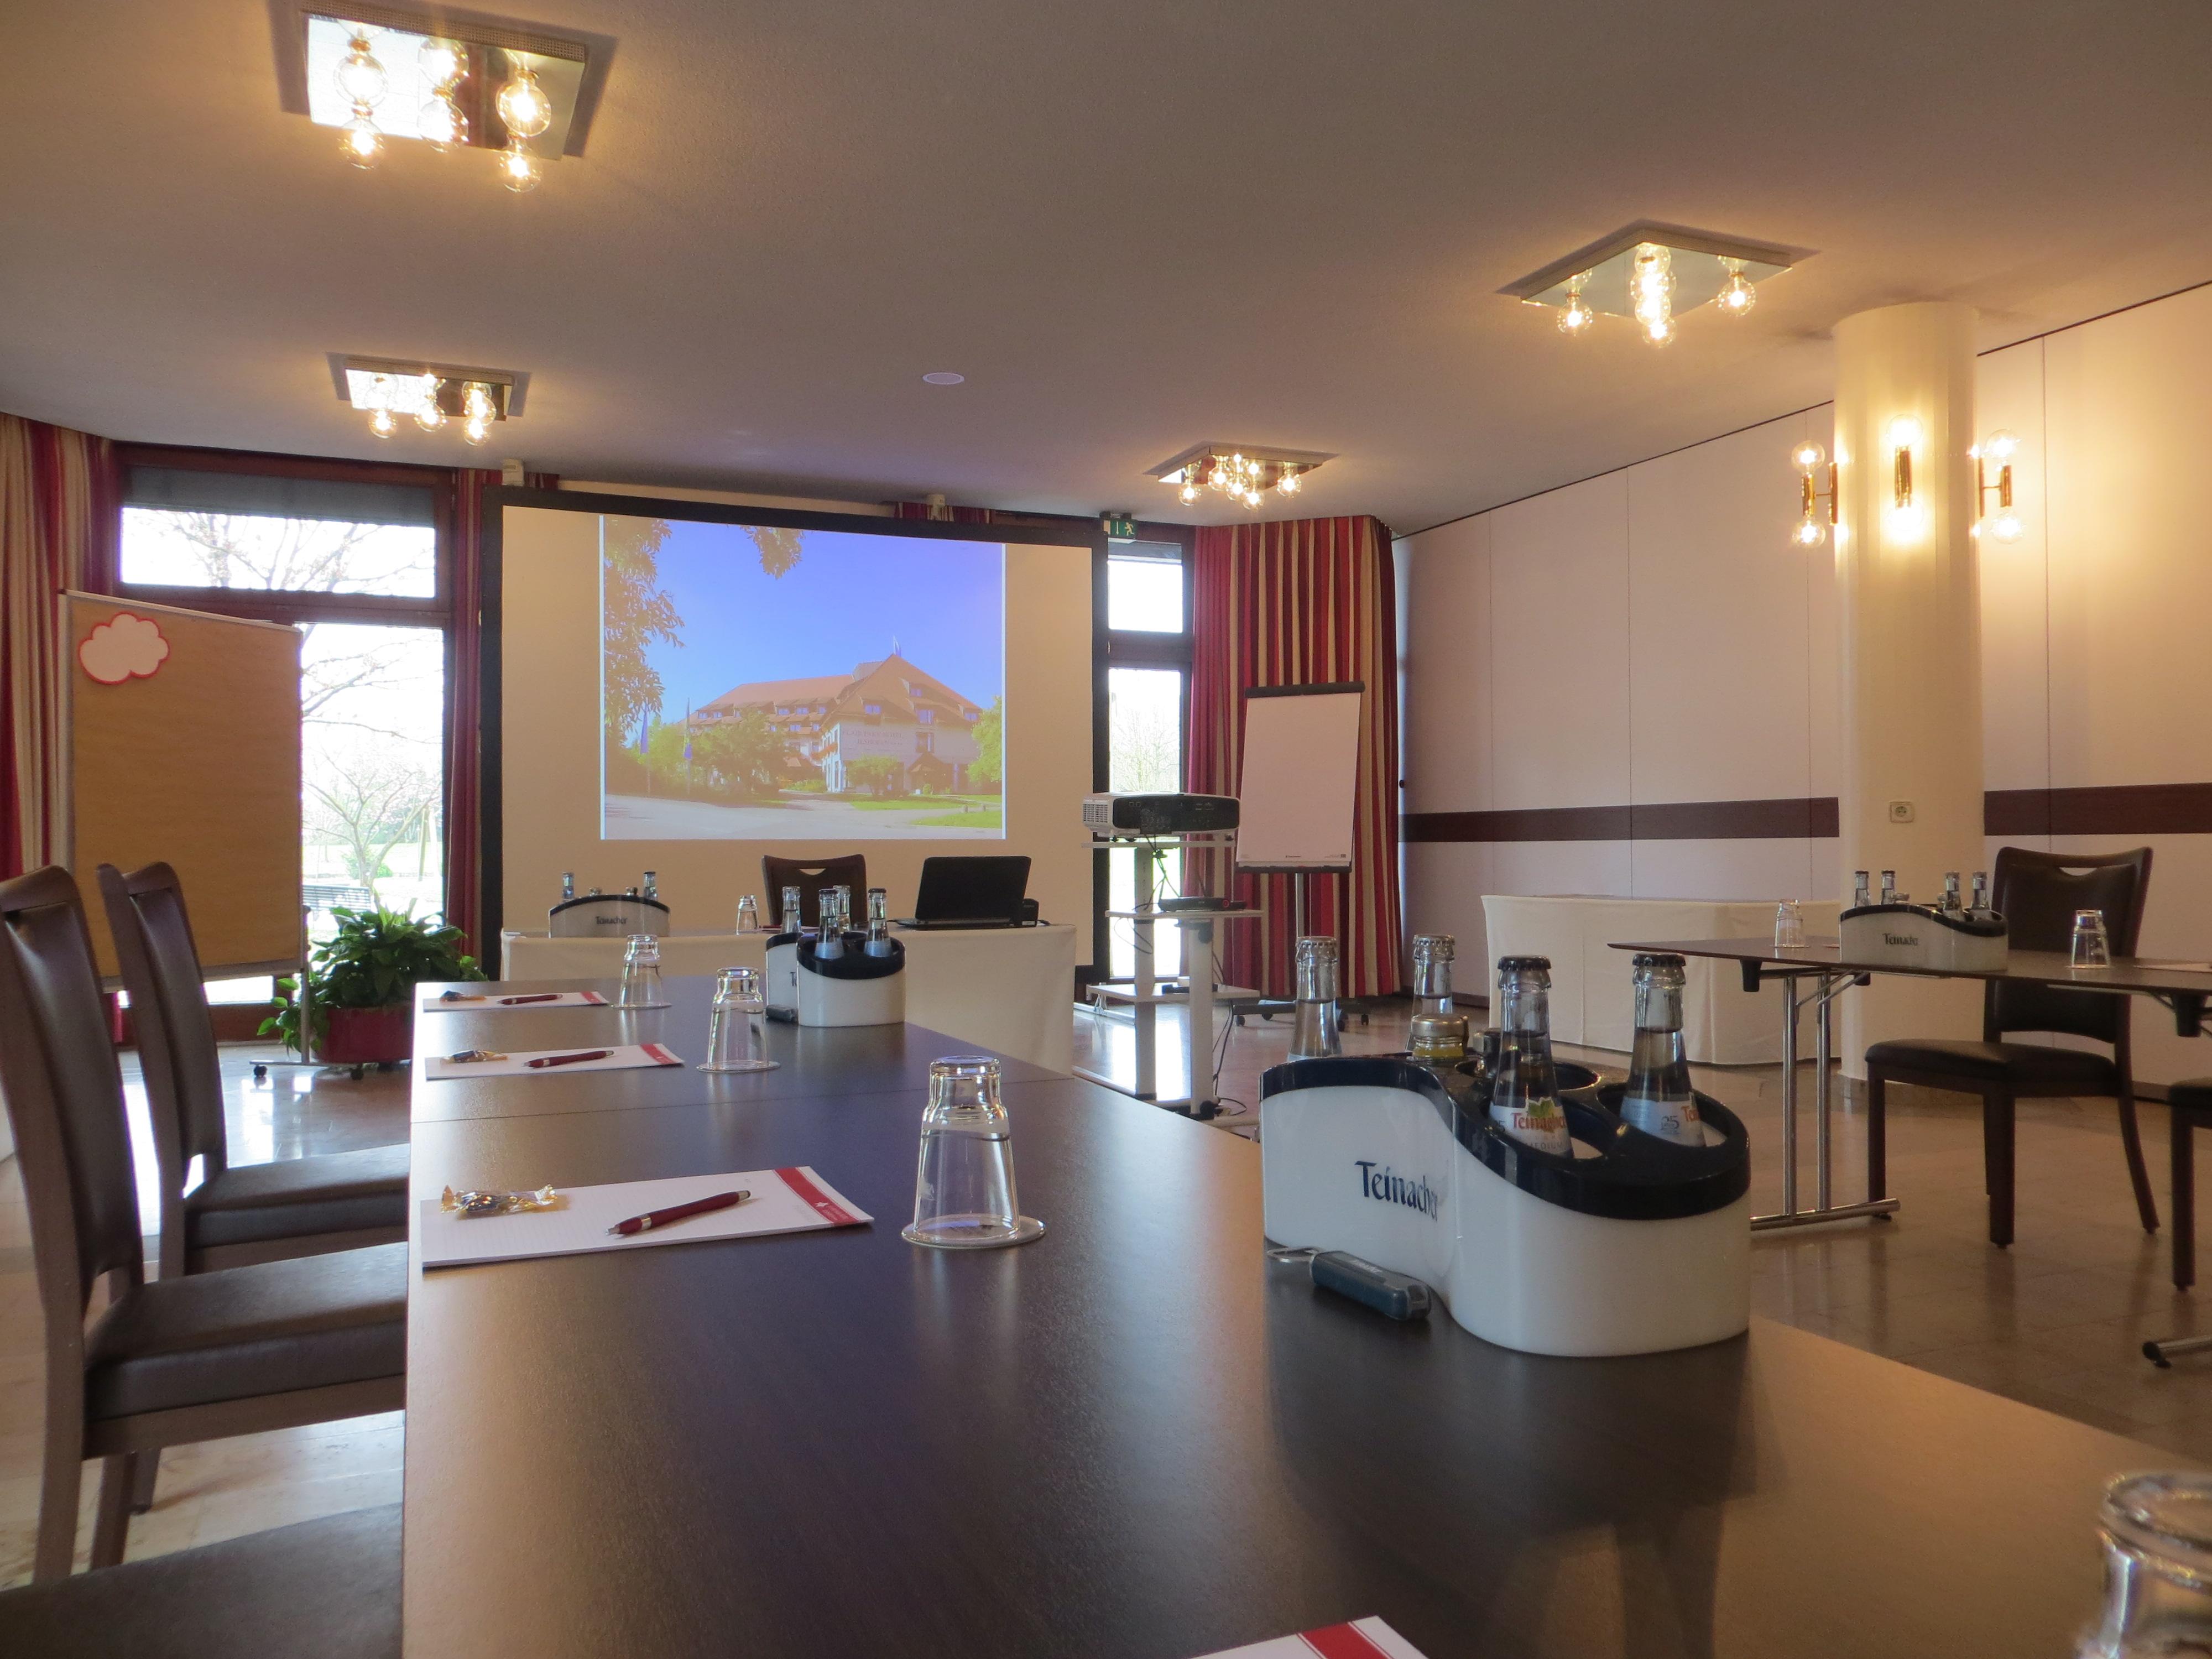 Abb. zu Artikel Neuer Glanz im Flair Park-Hotel Ilshofen